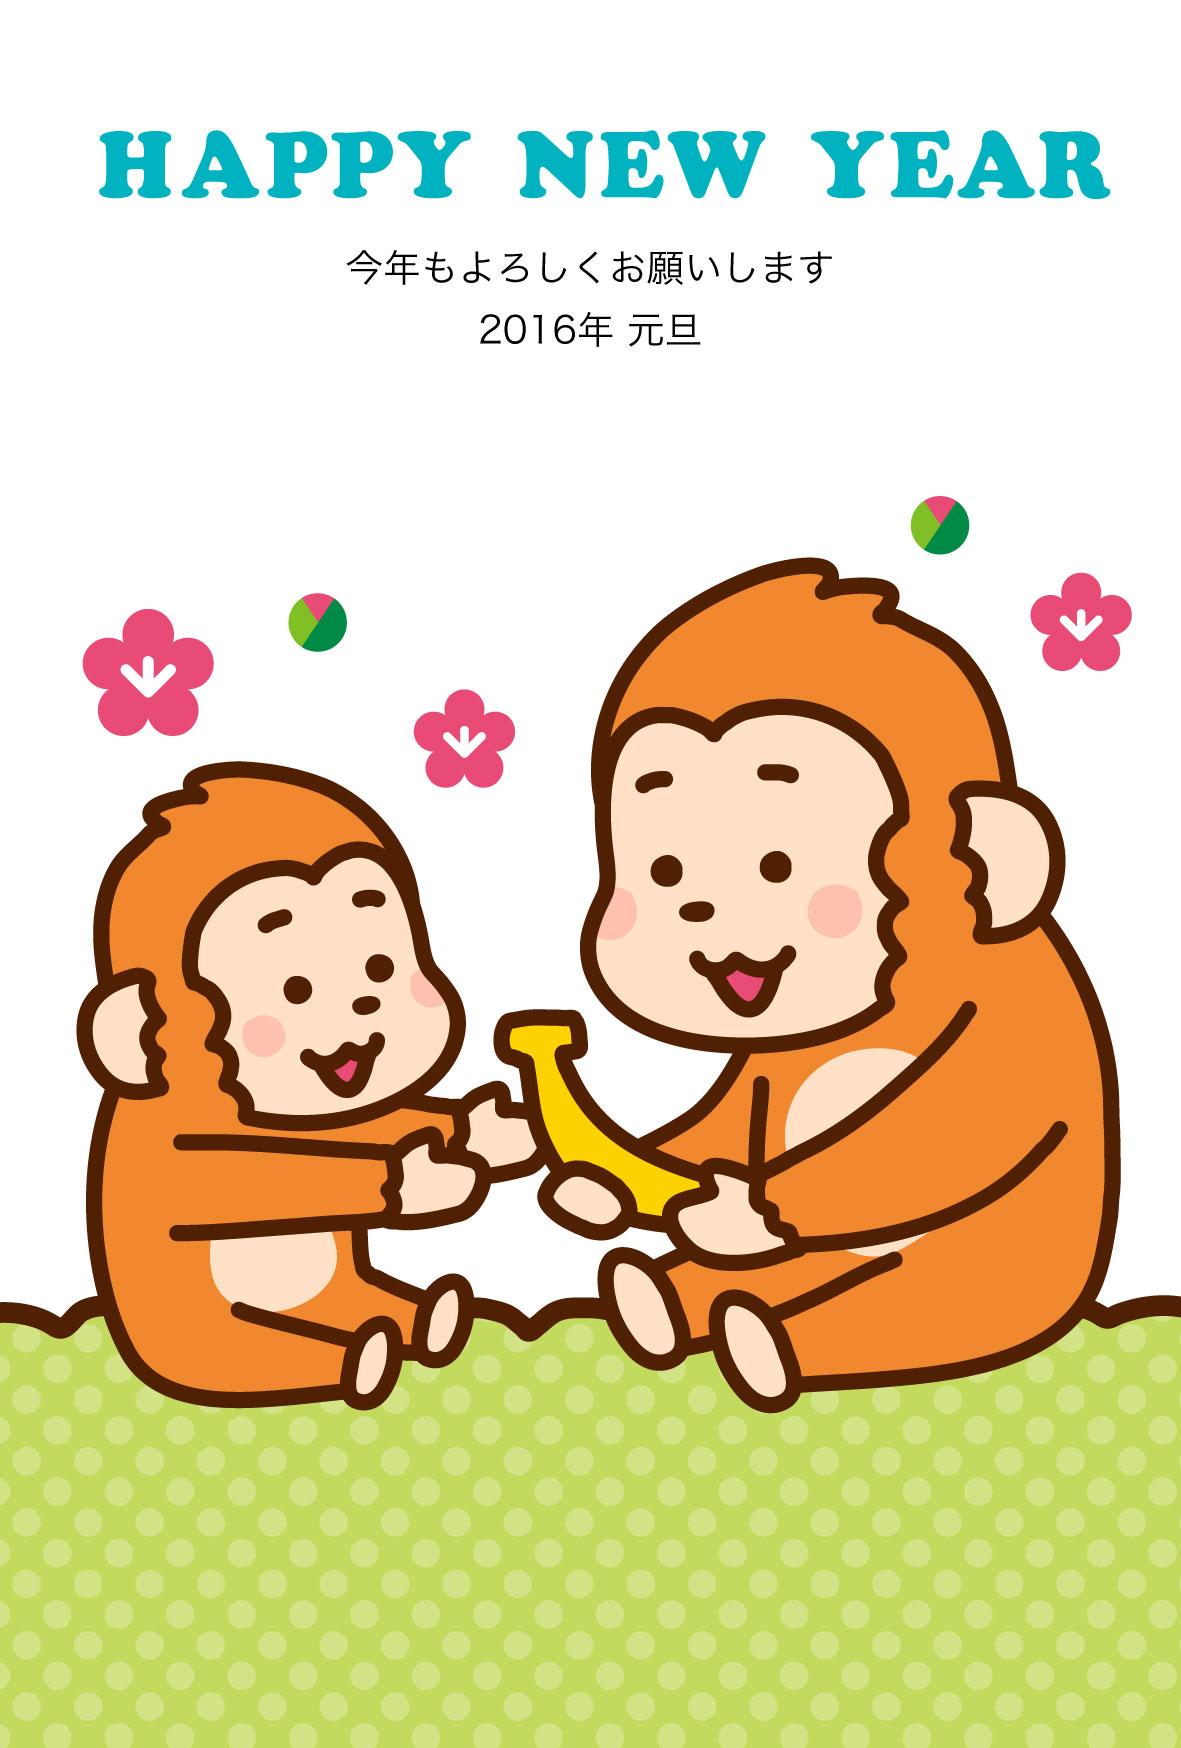 年賀状は無料イラストで!2016年 : 年賀はがきはお猿さんのおしゃれな